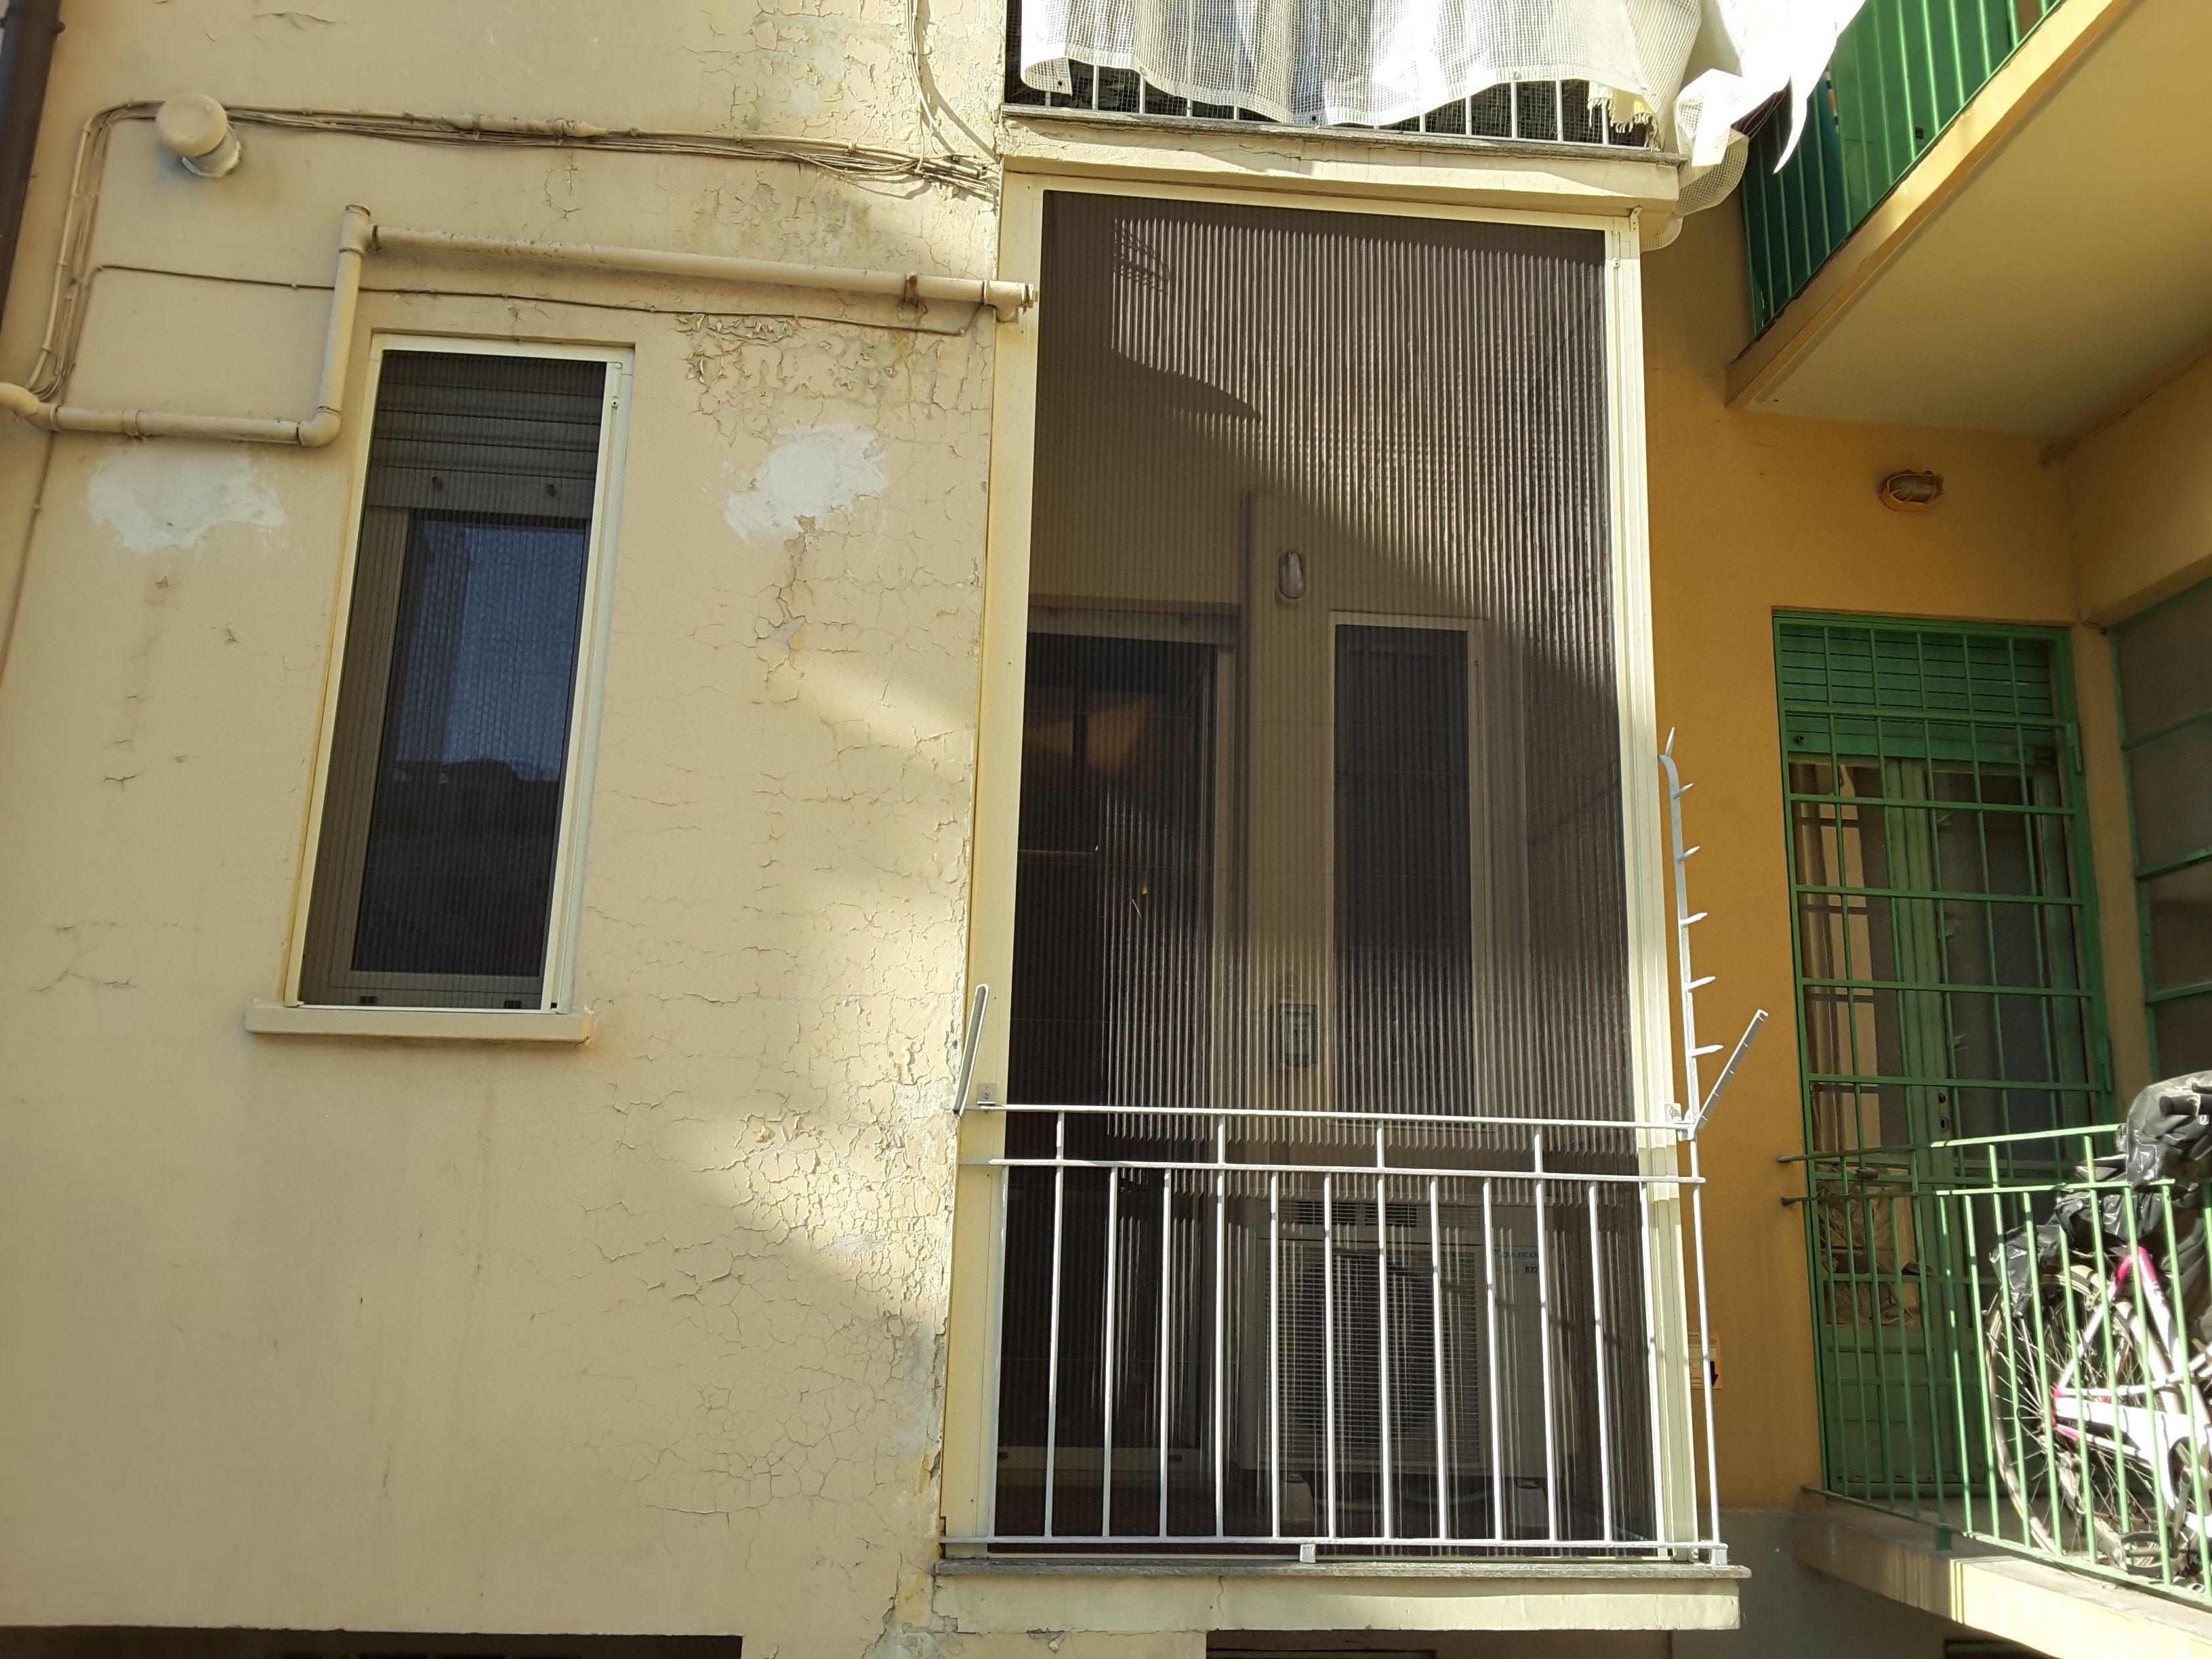 Zanzariera plissettate per chiusure di balconi.